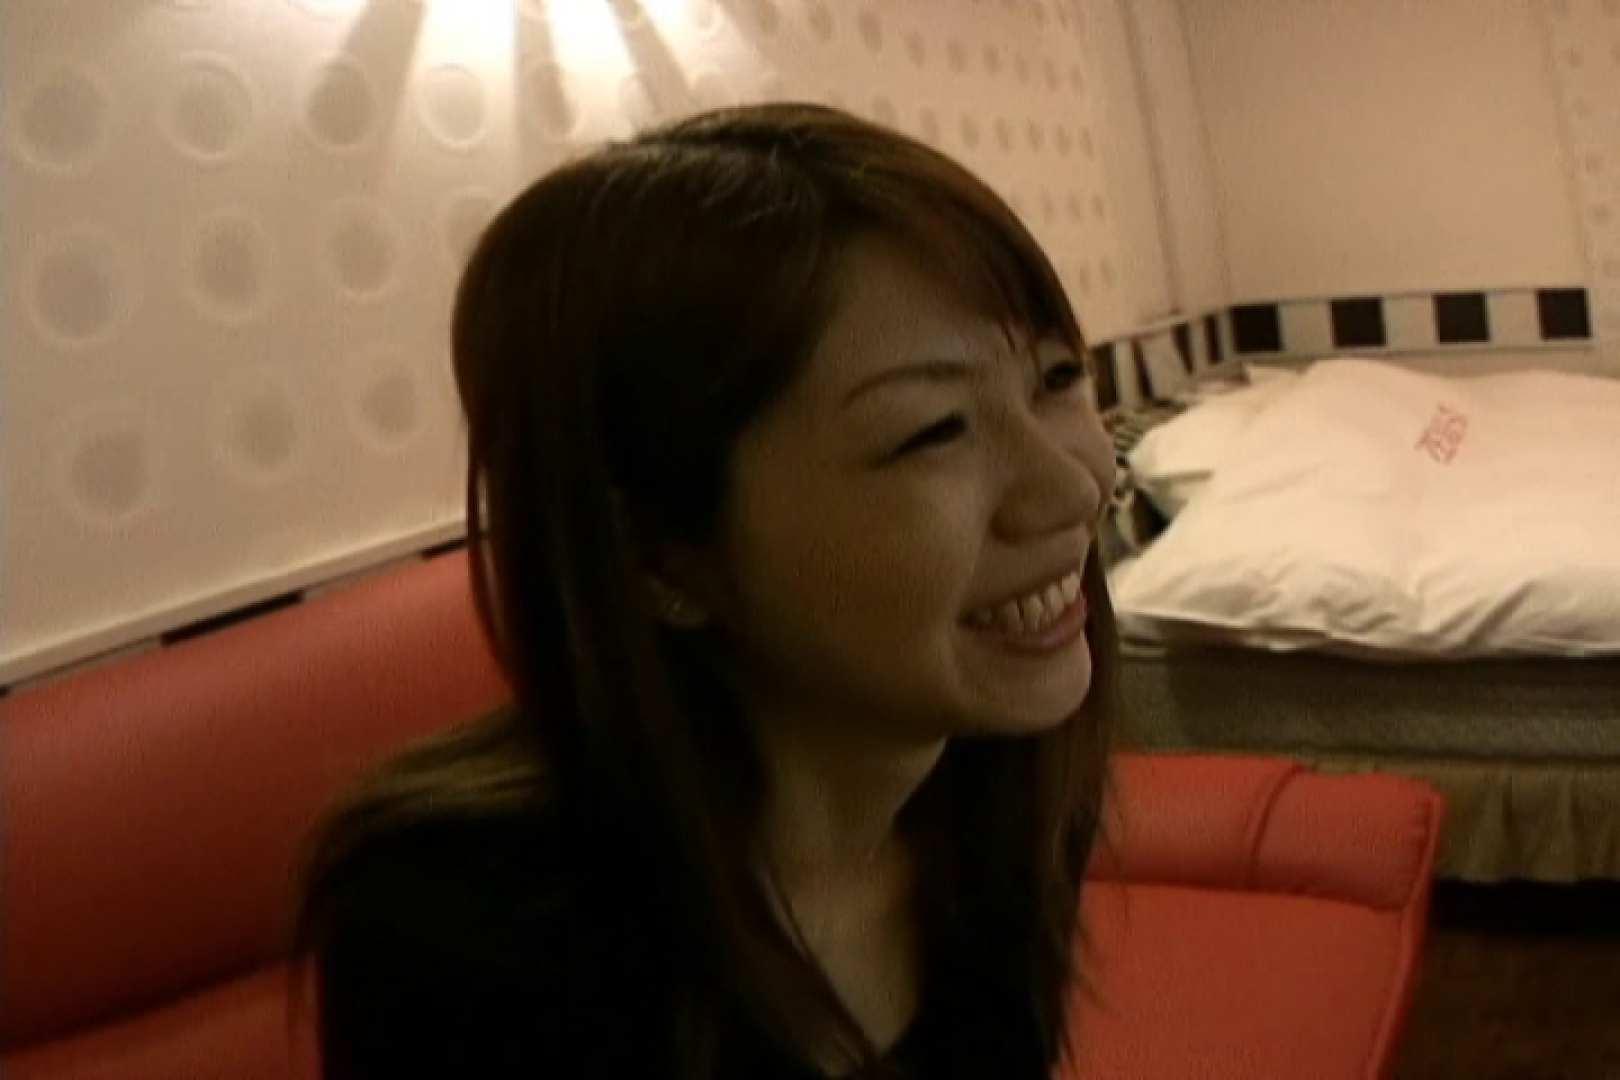 素人モデル撮っちゃいました kana02 女子大生特集 ヌード画像 36連発 20